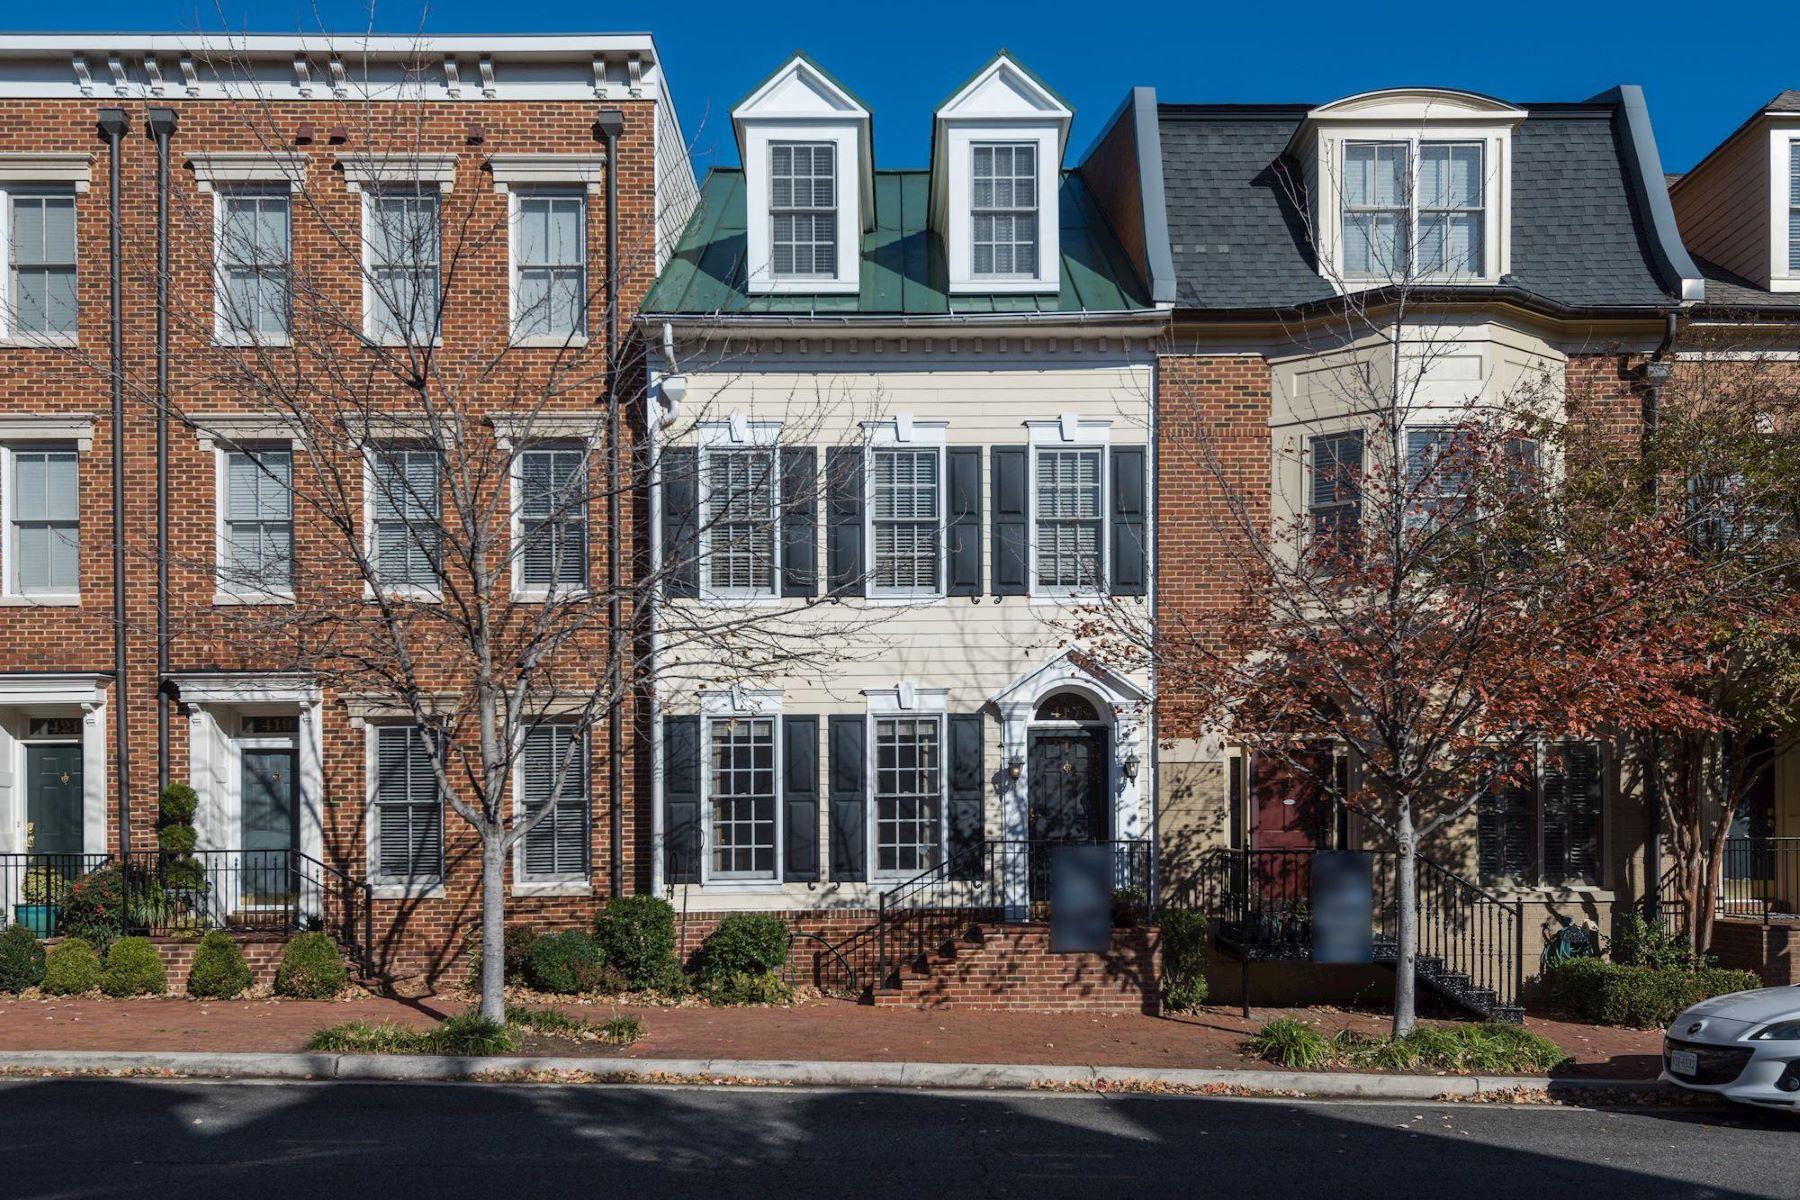 Casa unifamiliar adosada (Townhouse) por un Alquiler en 417 Oronoco St 417 Oronoco St Alexandria, Virginia 22314 Estados Unidos